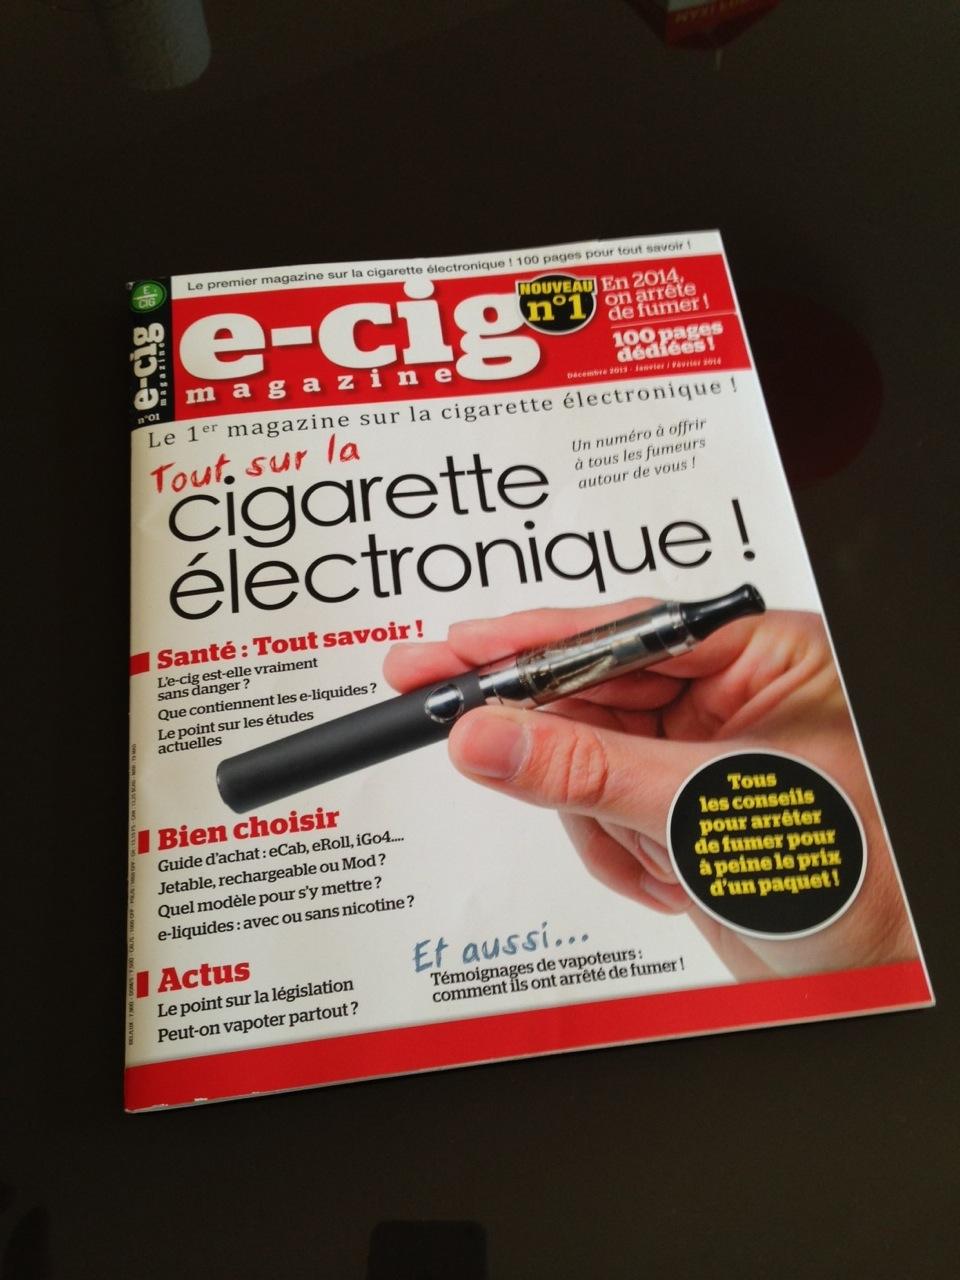 Photo of E-cig magazine: Le 1er magazine sur la cigarette électronique est dans les kiosques.